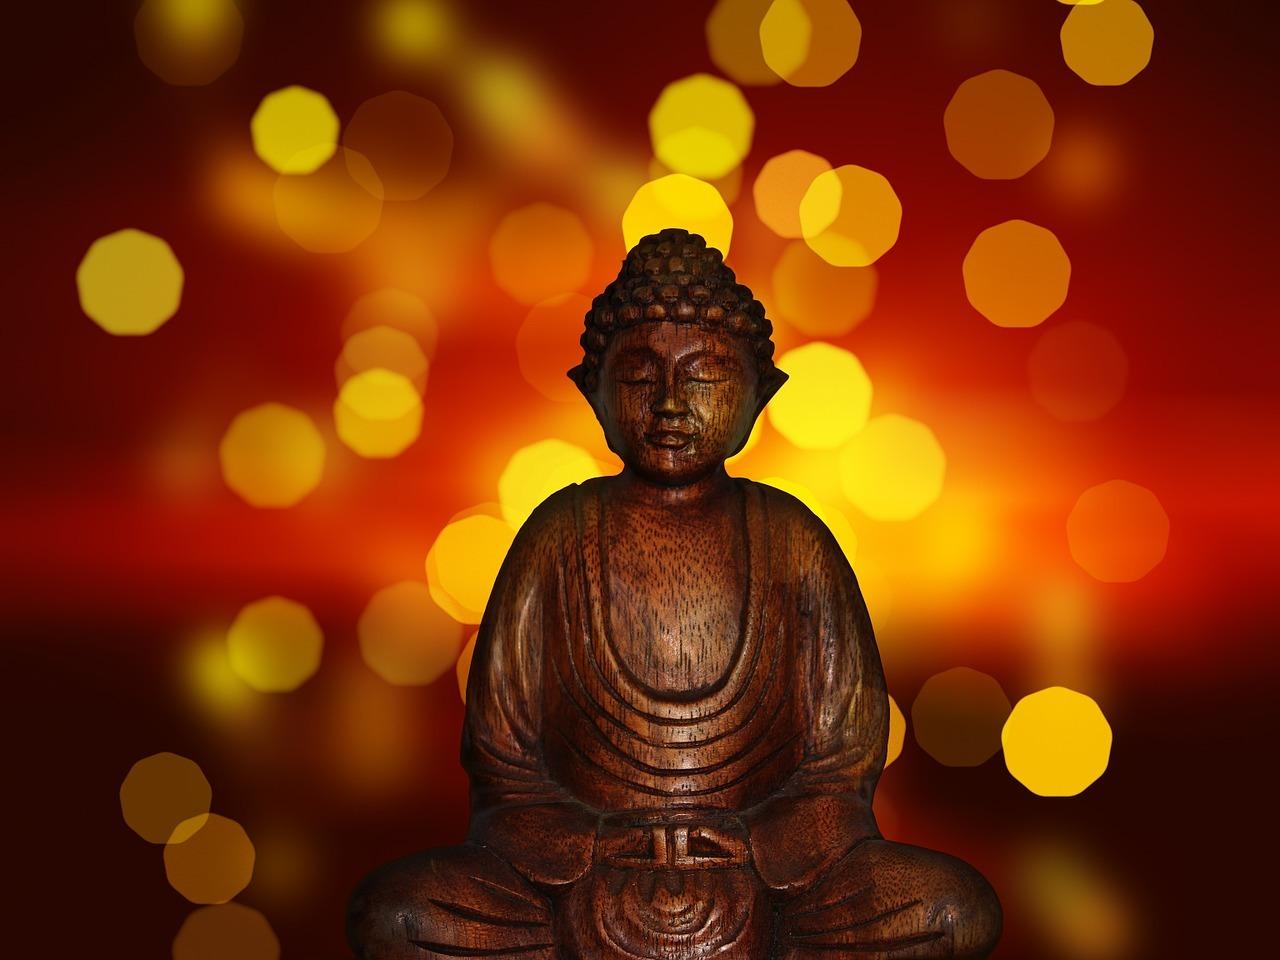 座禅体験ができる東京のお寺17選!初心者でもOKな教室などをご紹介!